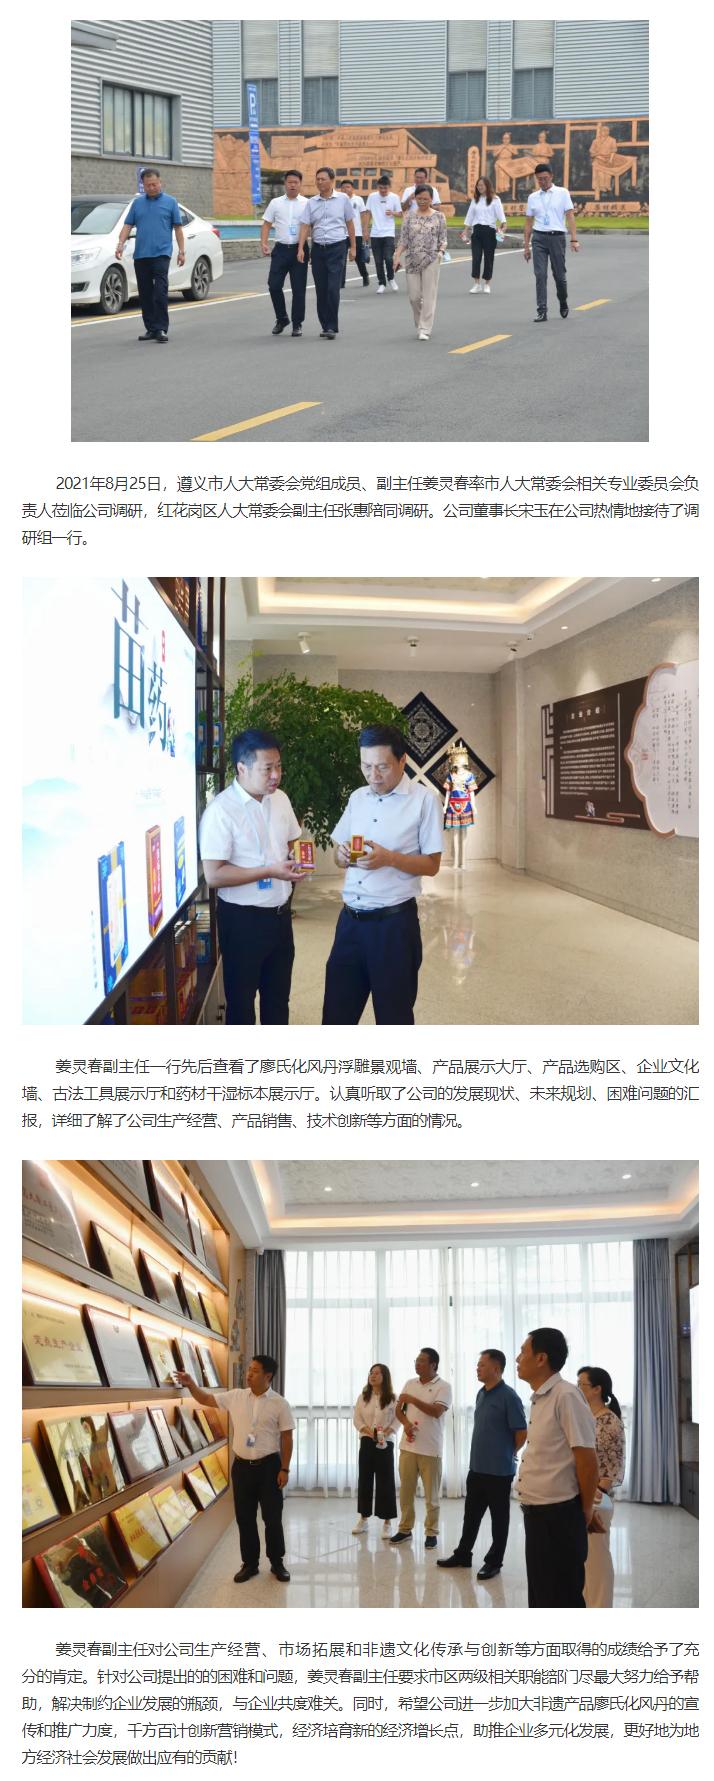 遵义市人大常务委员会副主任姜灵春莅临公司调研.jpg